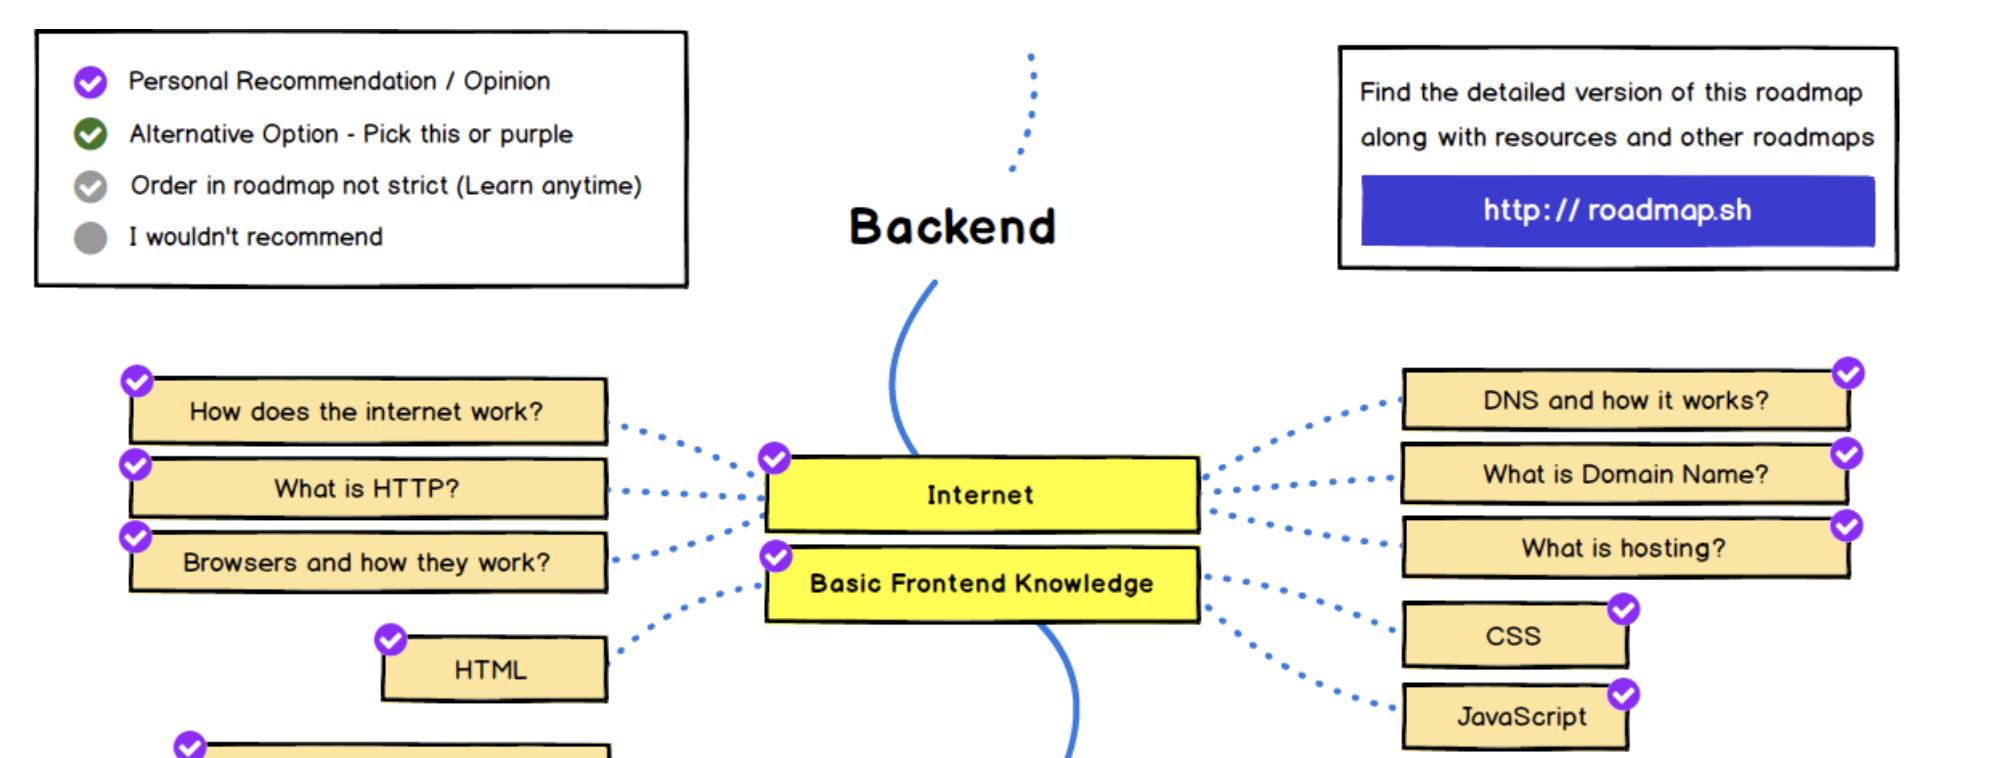 https://roadmap.sh/backend